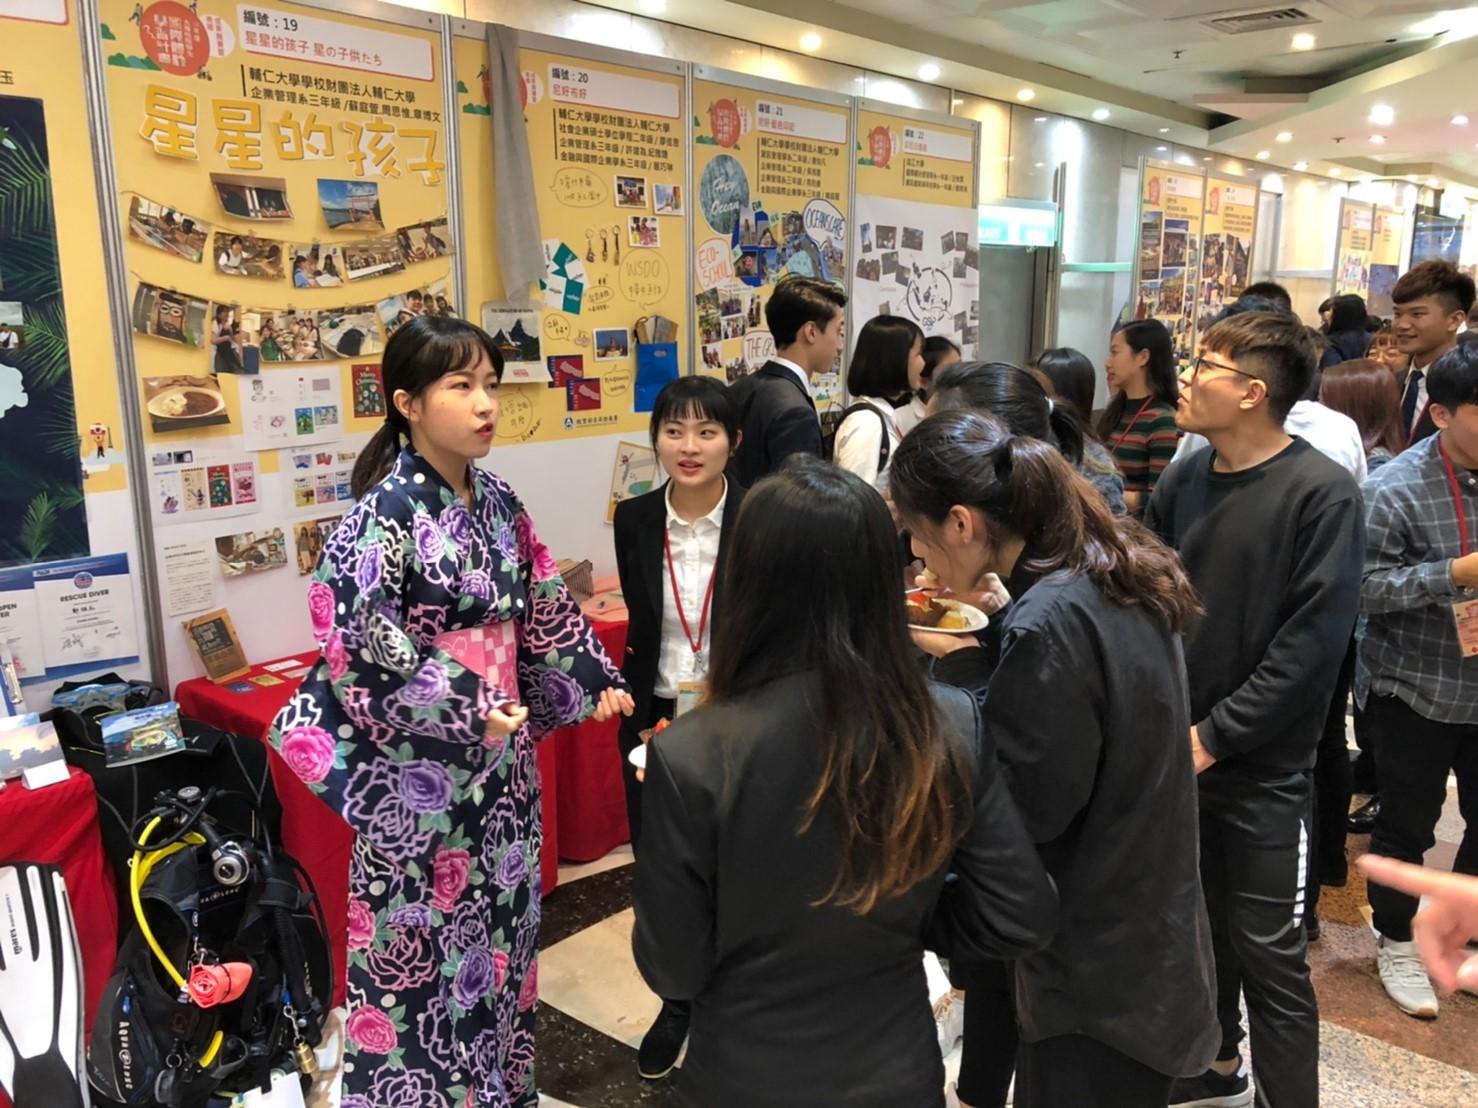 成果競賽展攤現場,星星的孩子團隊蘇庭萱穿著日本服飾介紹成果